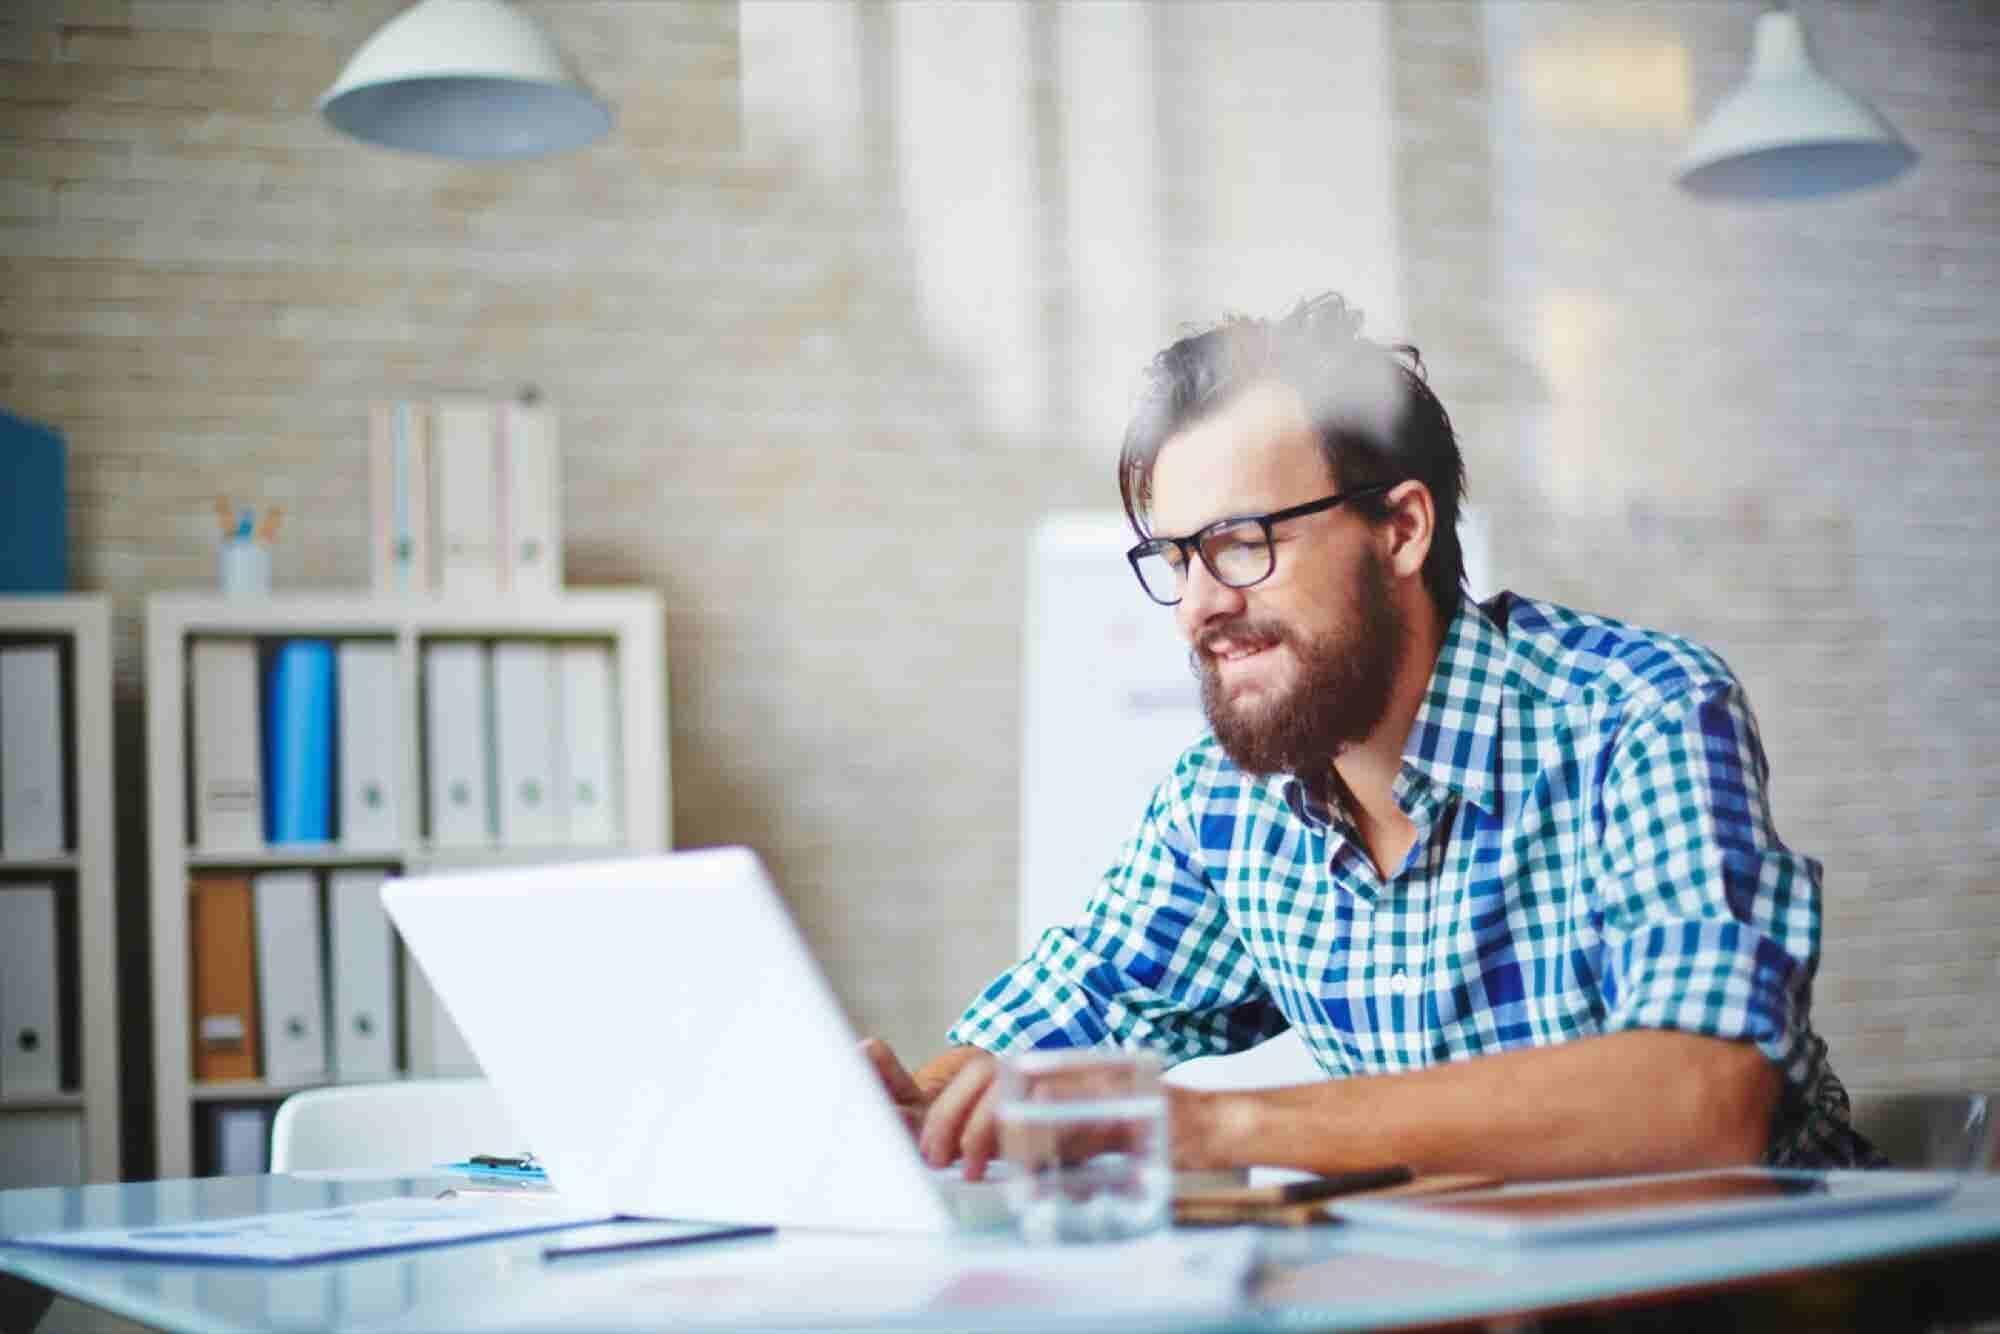 5 Ten-Minute Tricks to Make More Money Freelancing